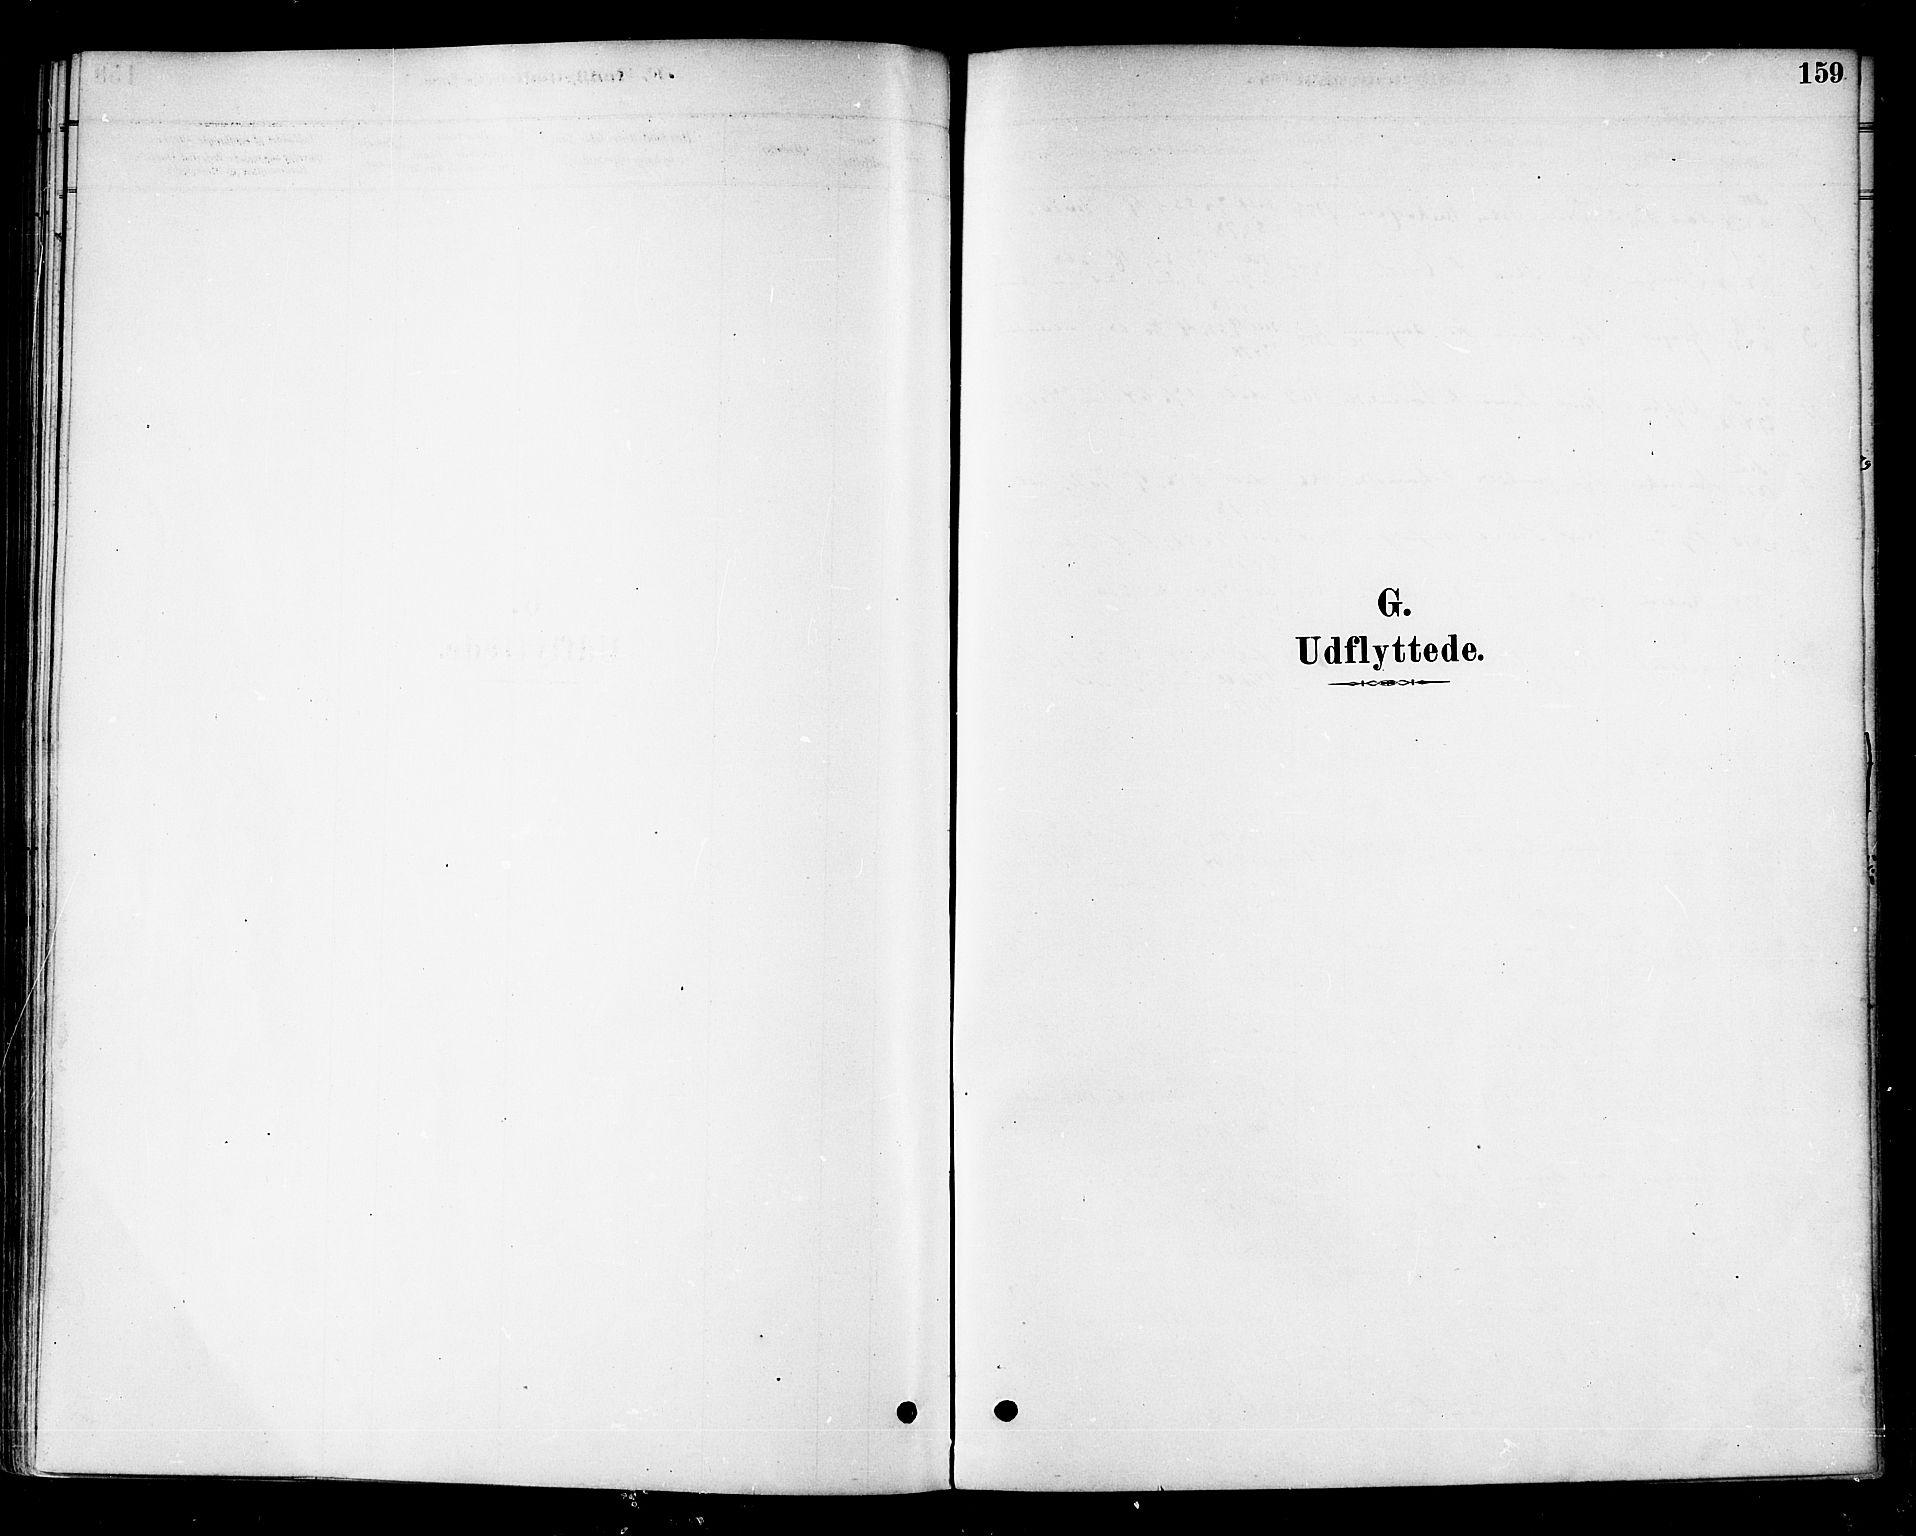 SAT, Ministerialprotokoller, klokkerbøker og fødselsregistre - Nord-Trøndelag, 741/L0395: Ministerialbok nr. 741A09, 1878-1888, s. 159